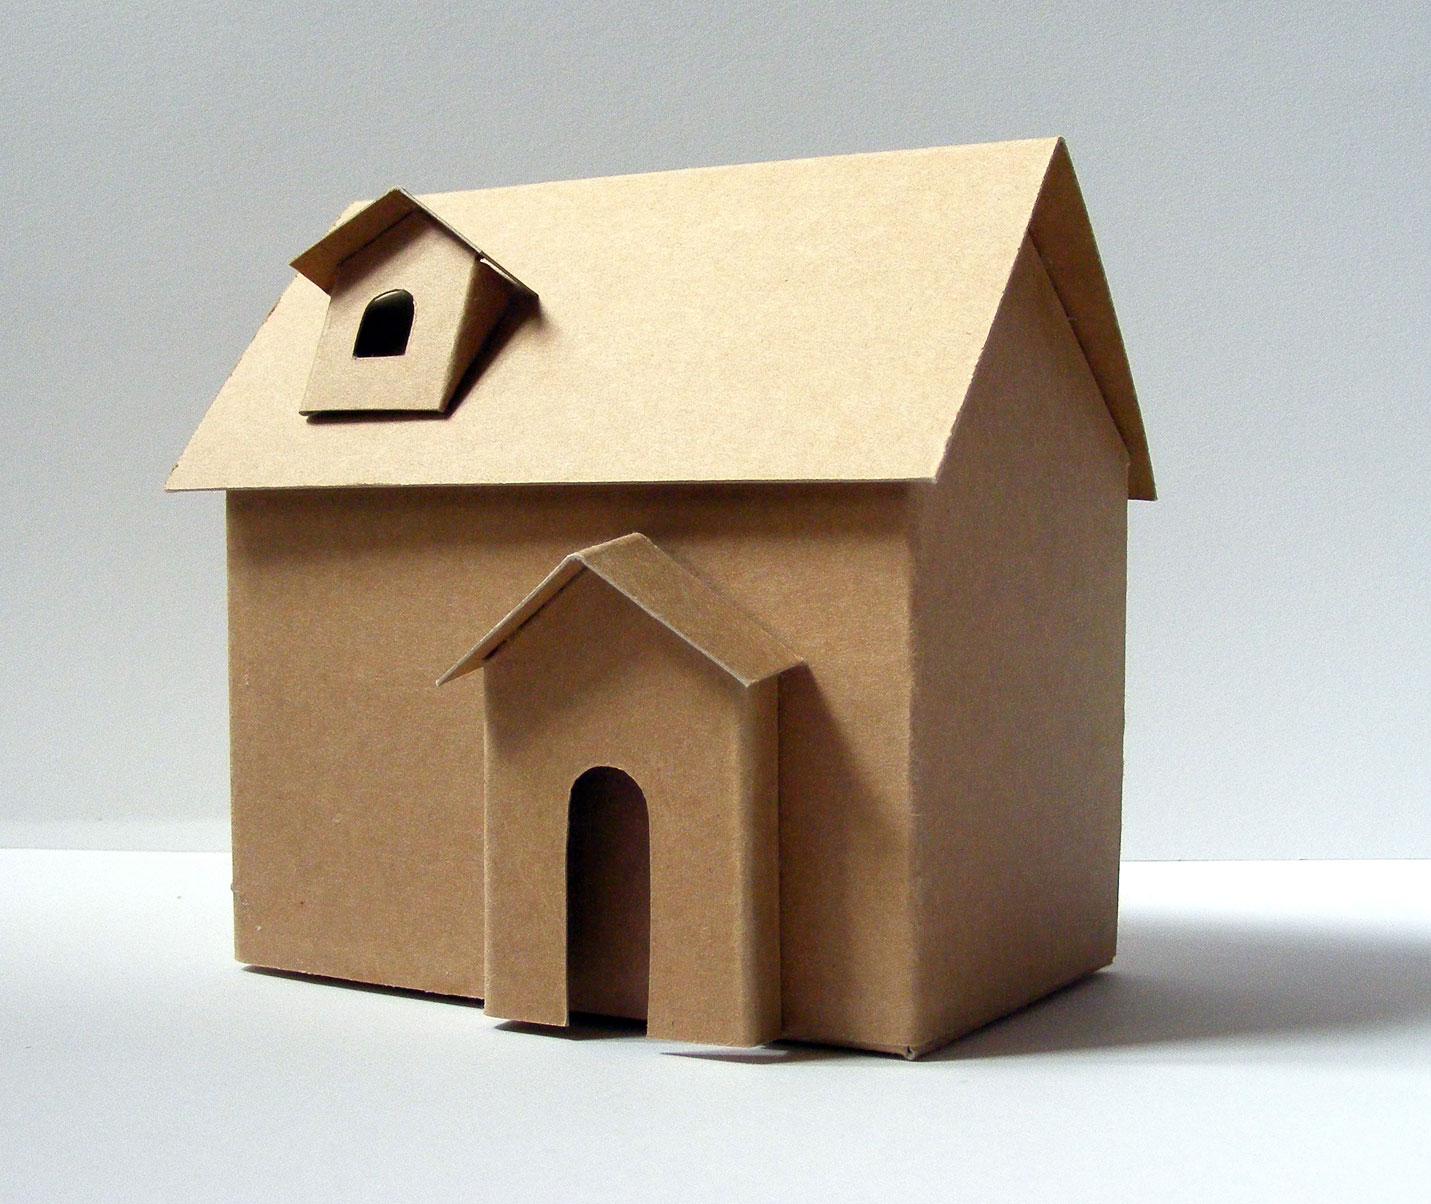 comment faire une maquette de maison en carton l. Black Bedroom Furniture Sets. Home Design Ideas